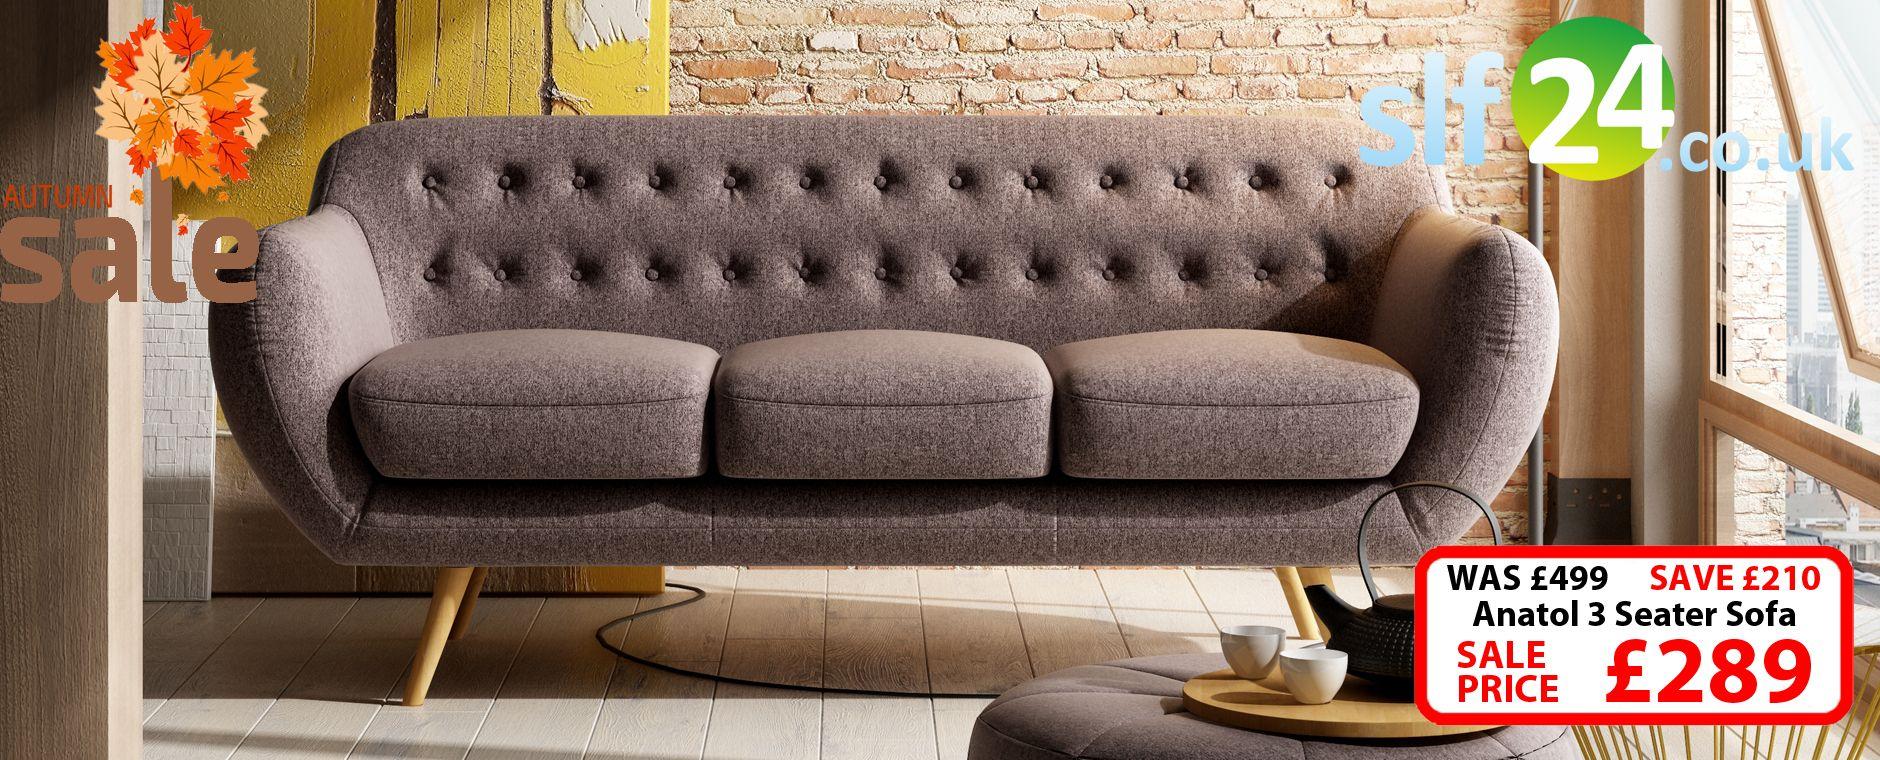 Anatol 3 Seater Retro Sofa - Fabric Sofas | Living Room | Retro sofa ...